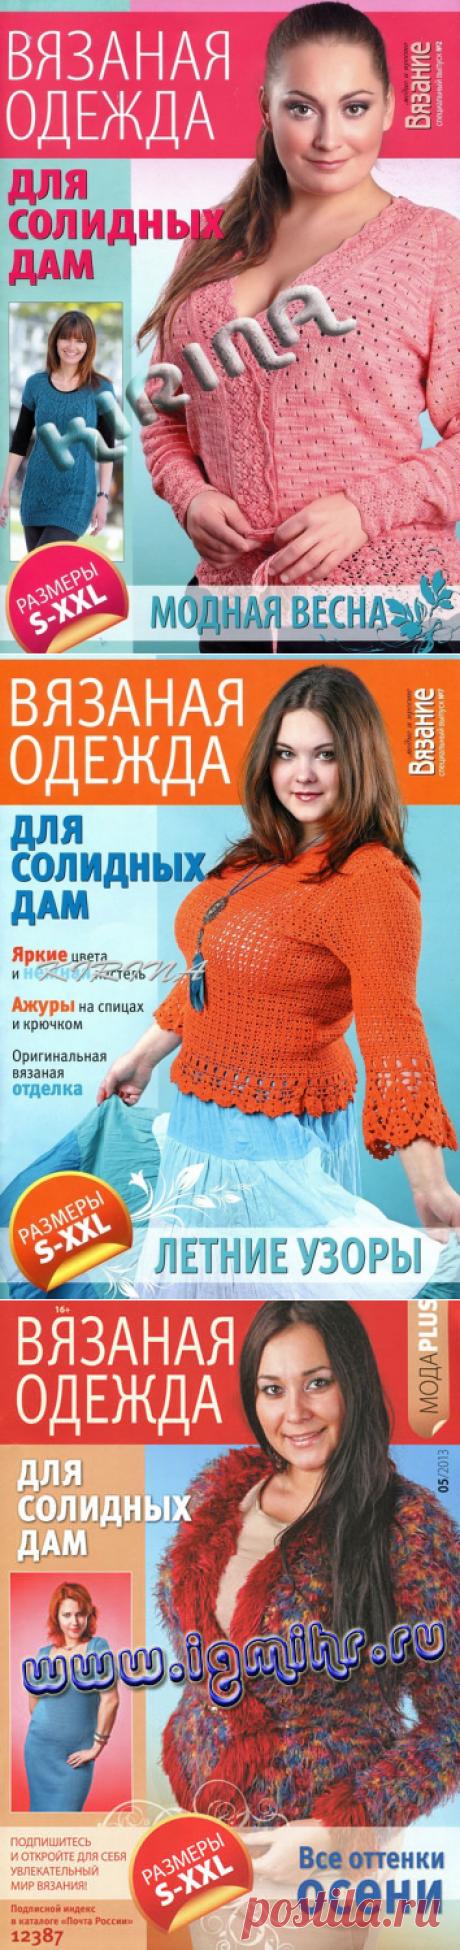 """спецвыпуски """"для солидных дам"""" № 2,7 и 5 2013"""